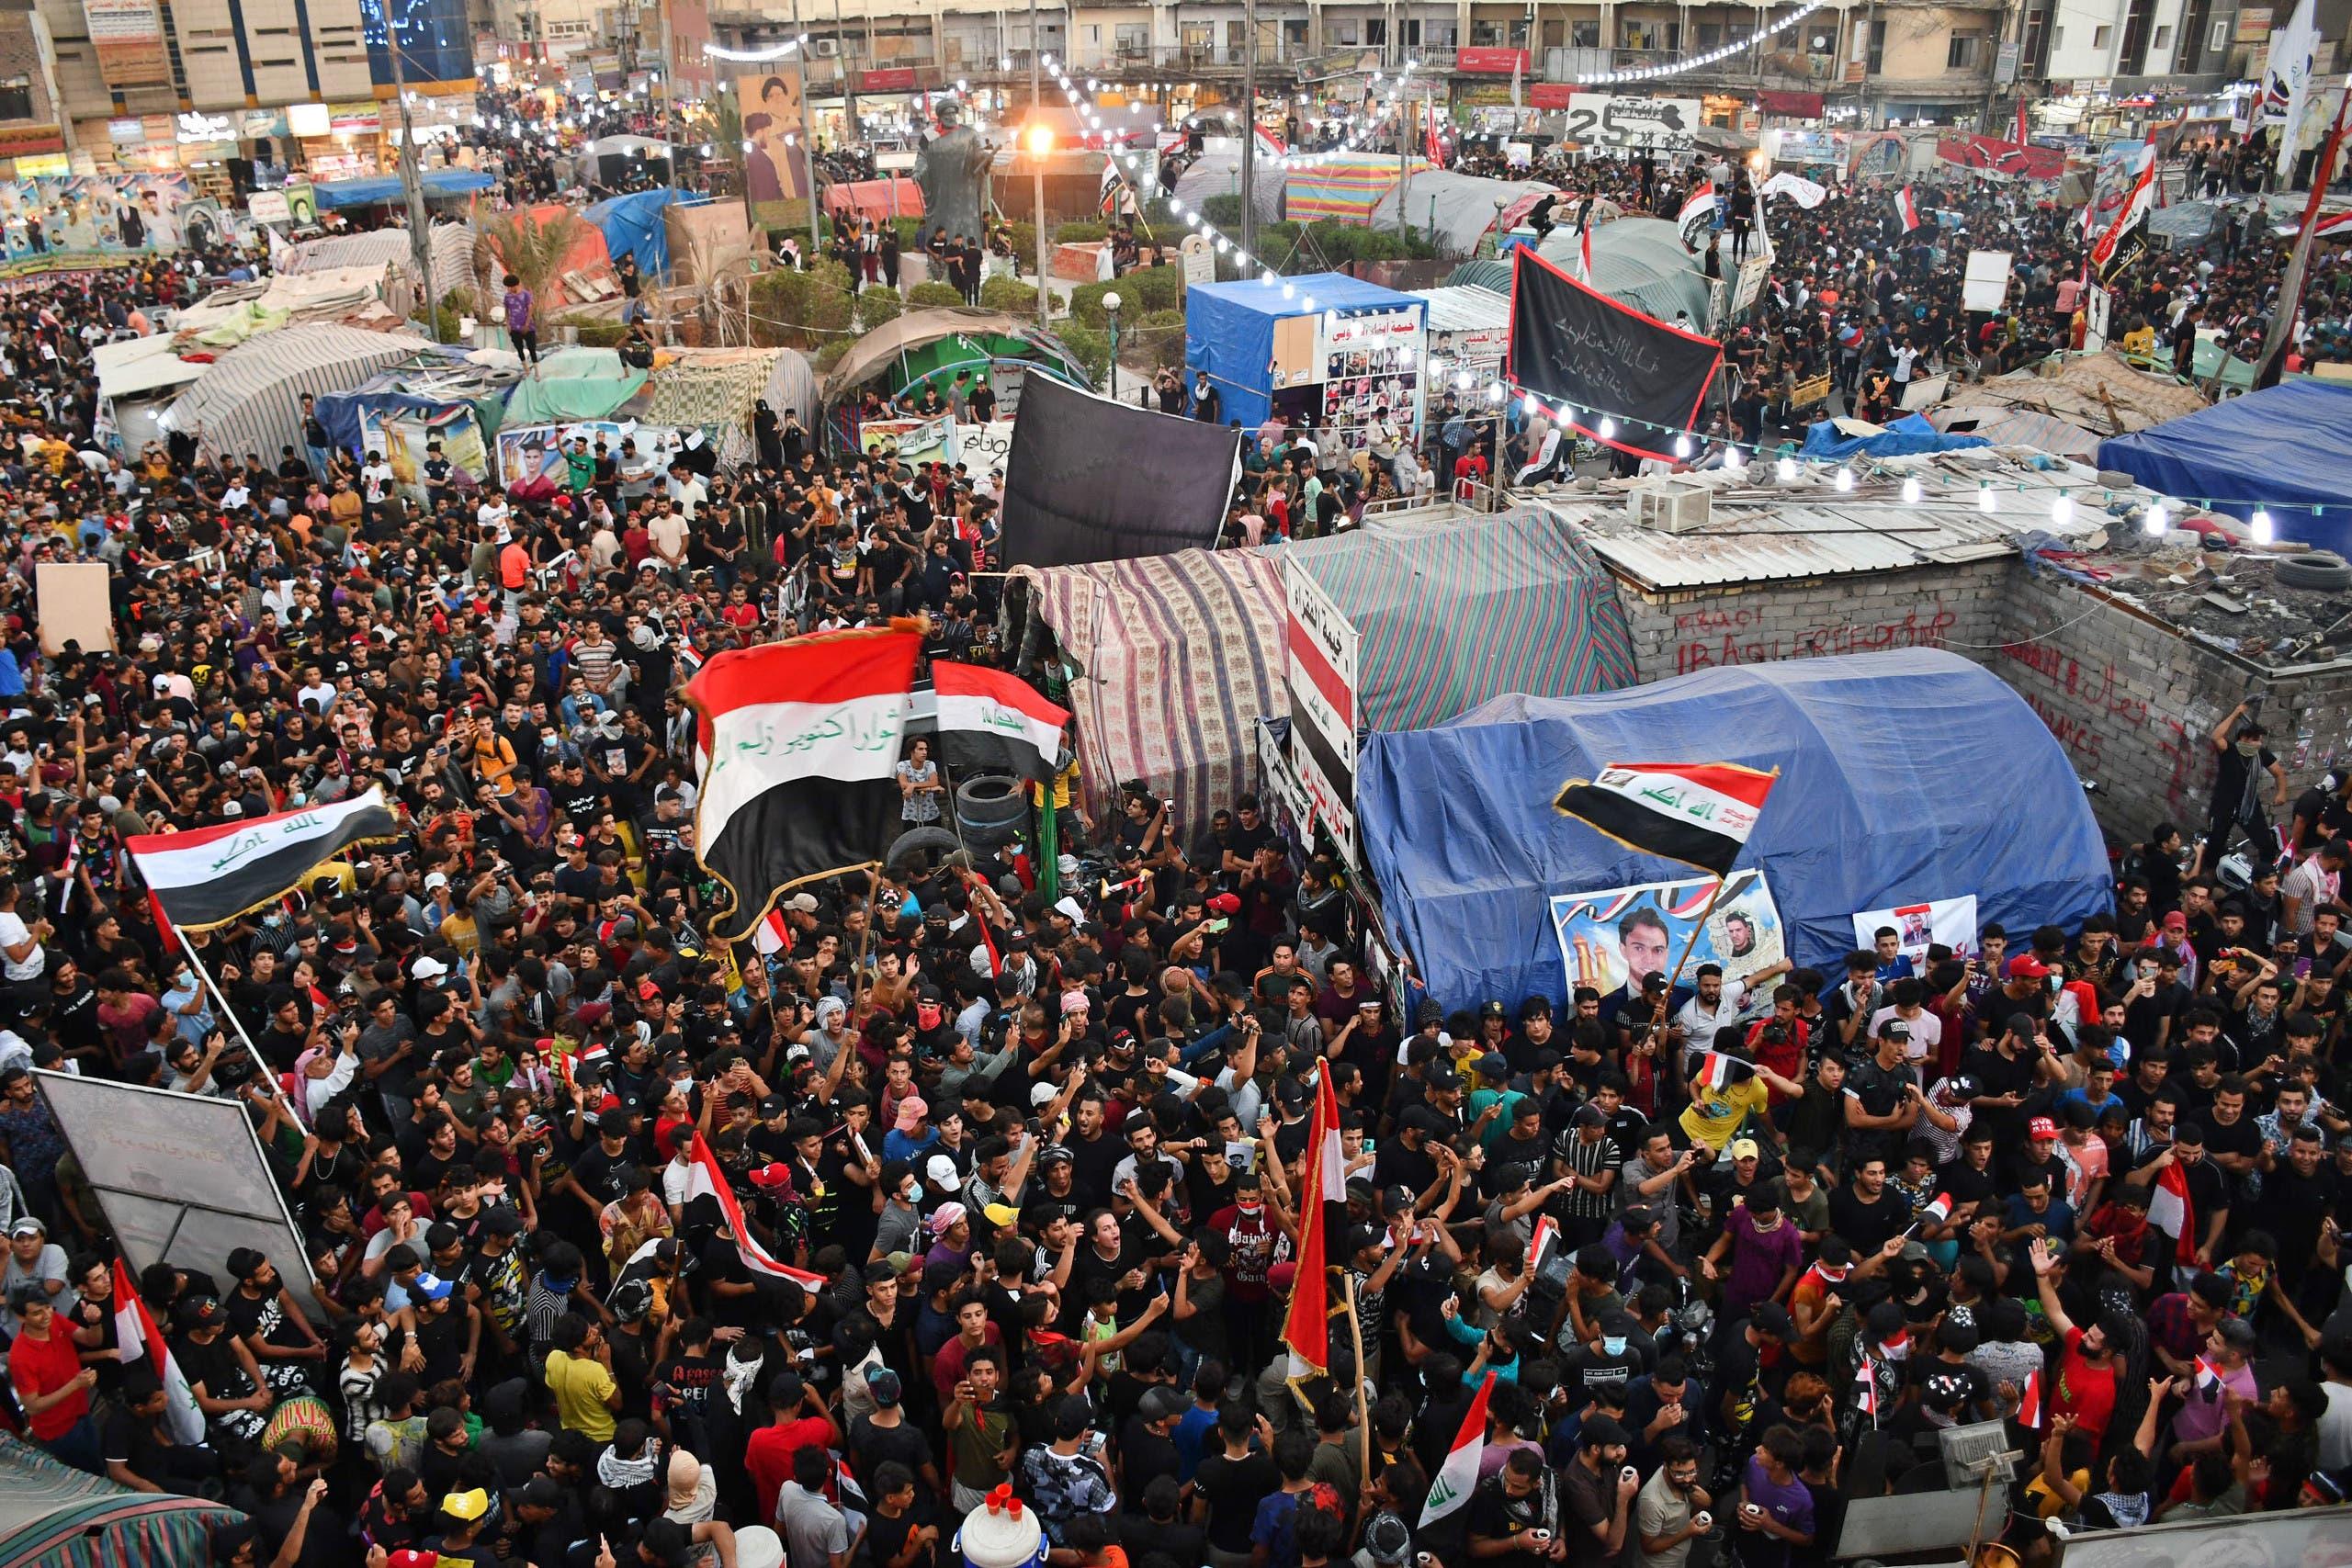 احتجاجات سابقة في ذي قار في اكتوبر الماضي